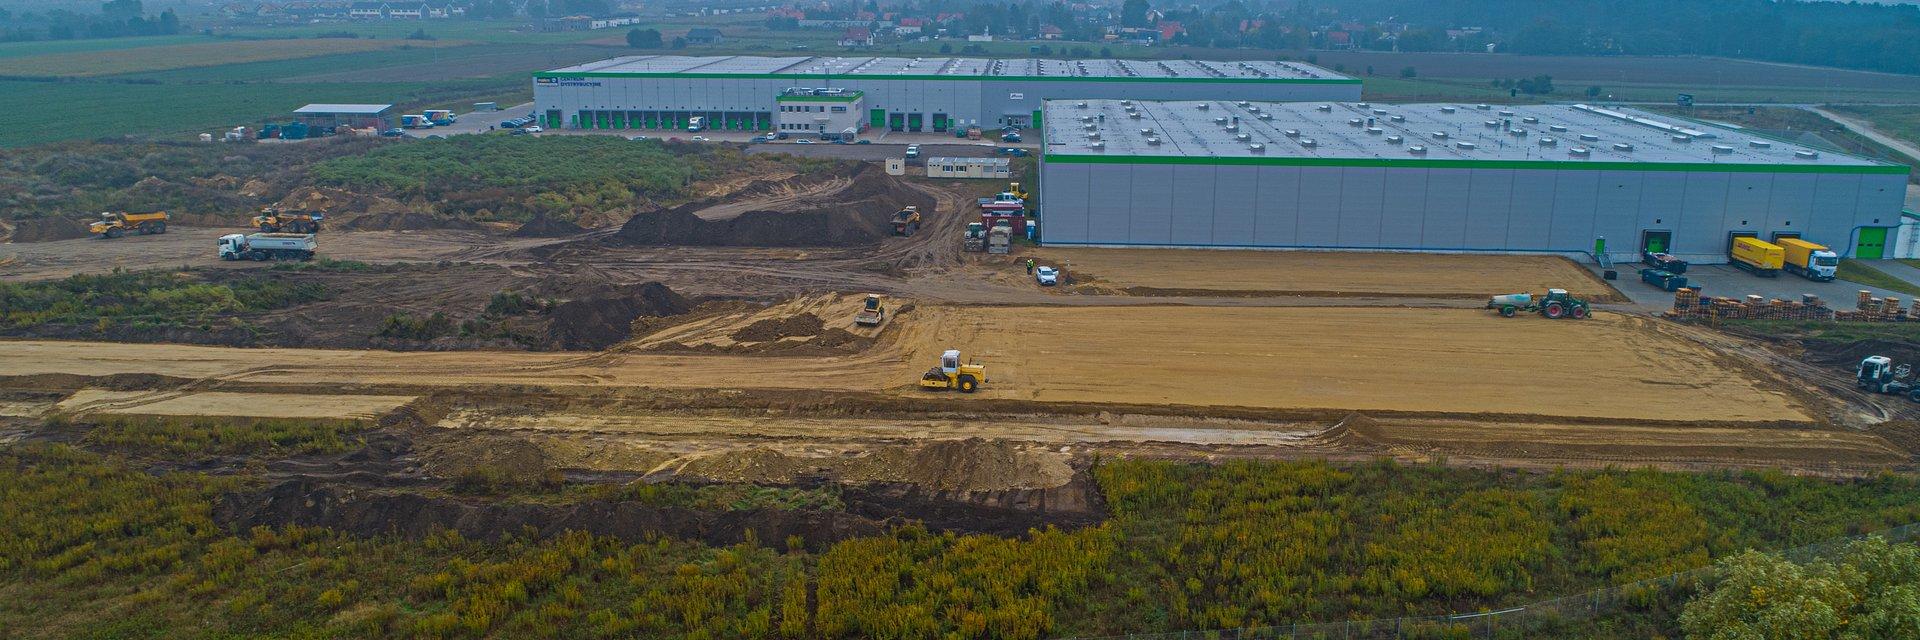 ANTCZAK Construction podwójnie dla MLP